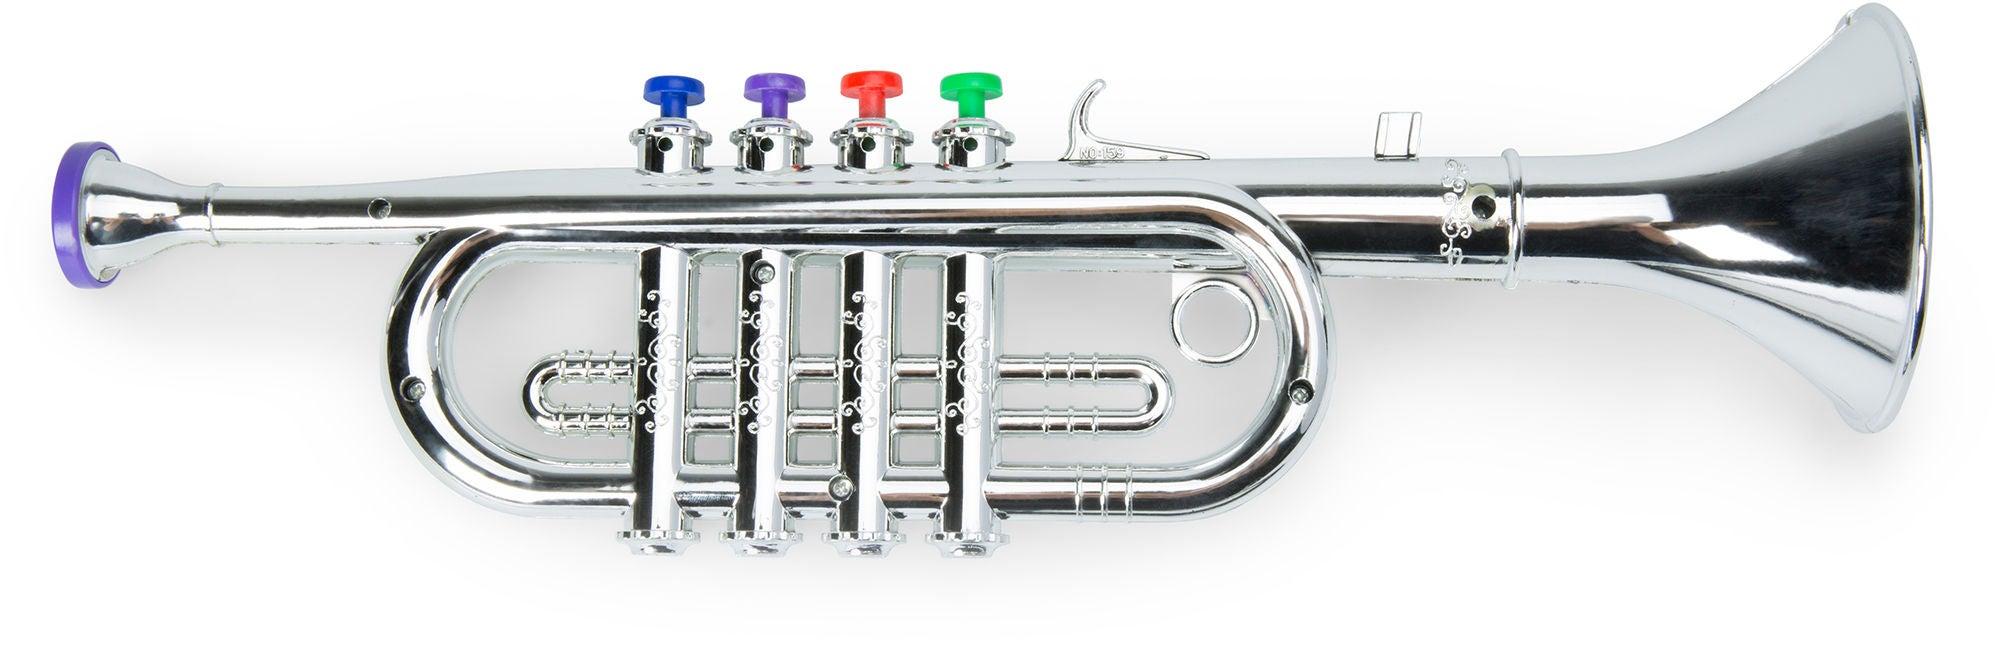 Cloudberry Castle Trumpetti